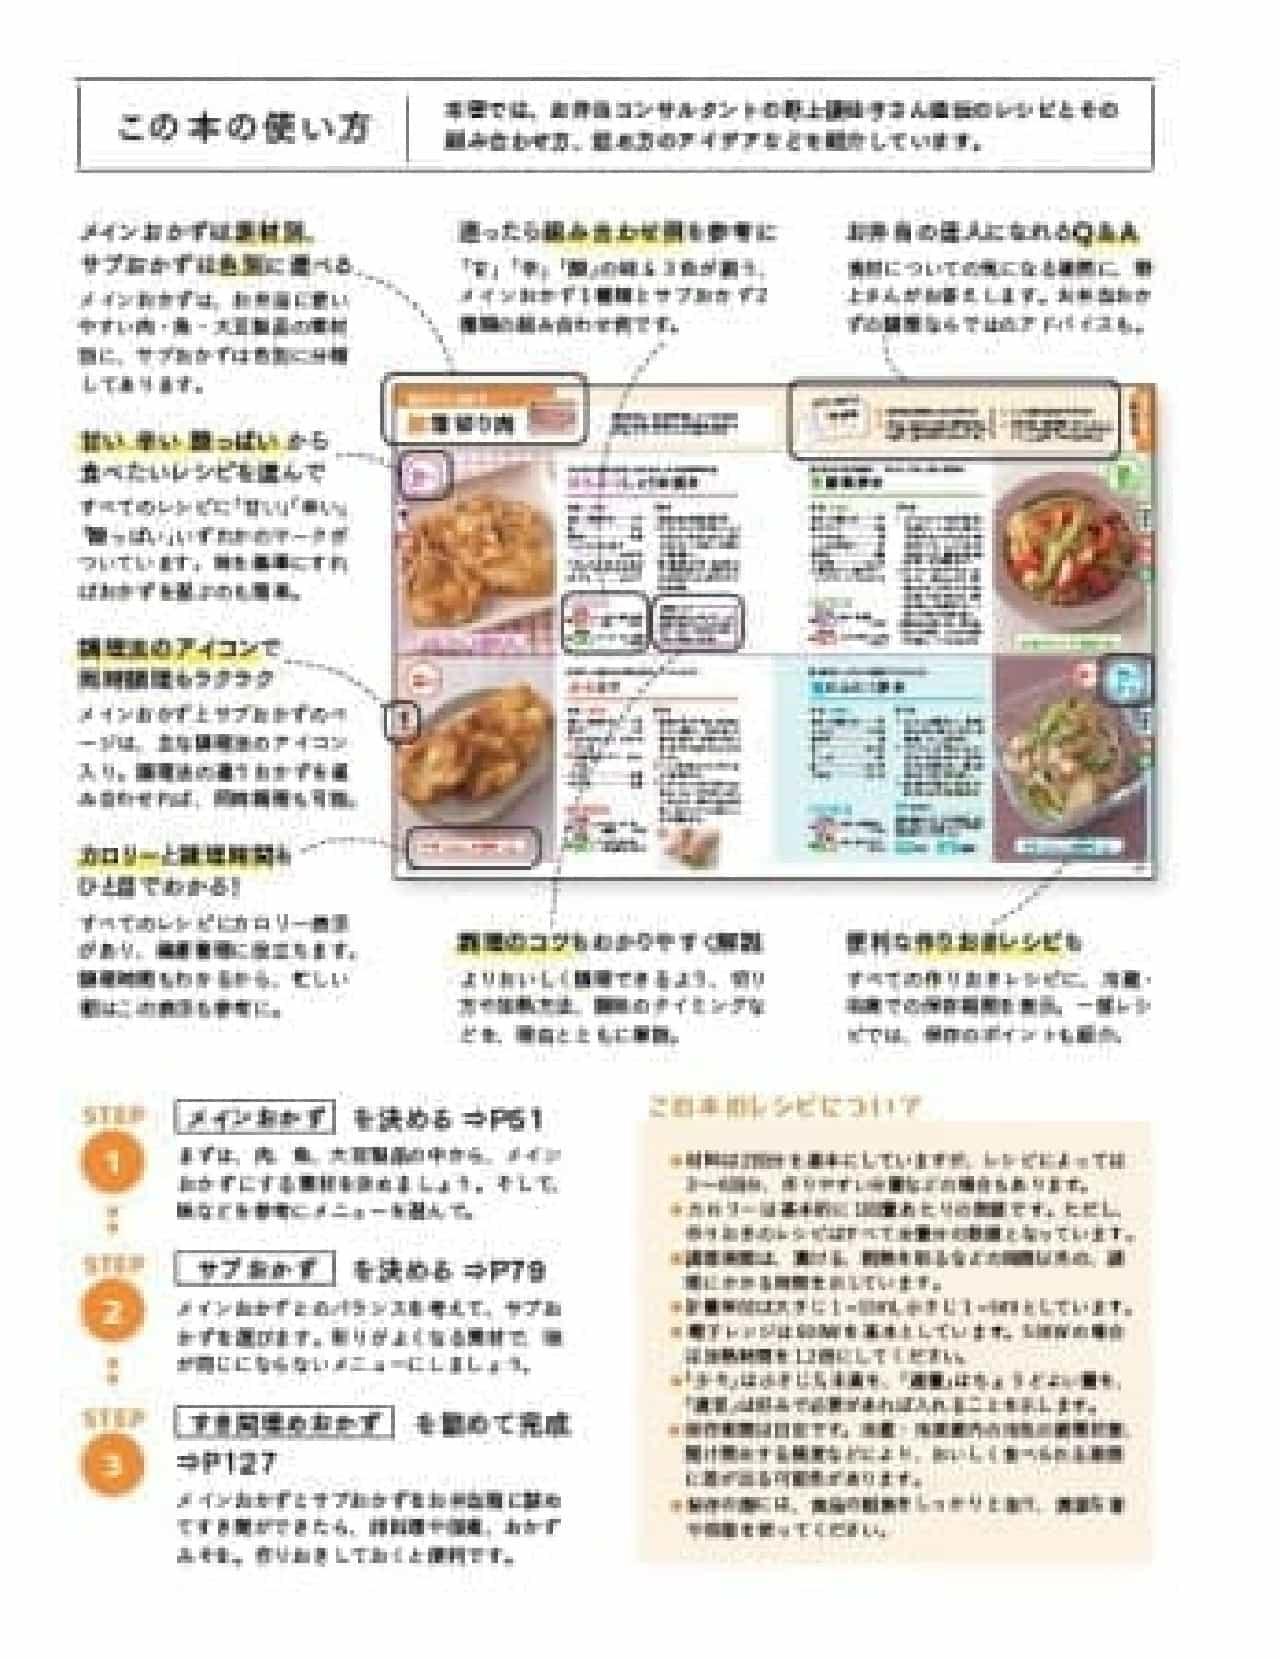 お弁当レシピ本「野上さんちの超ラクチン弁当」